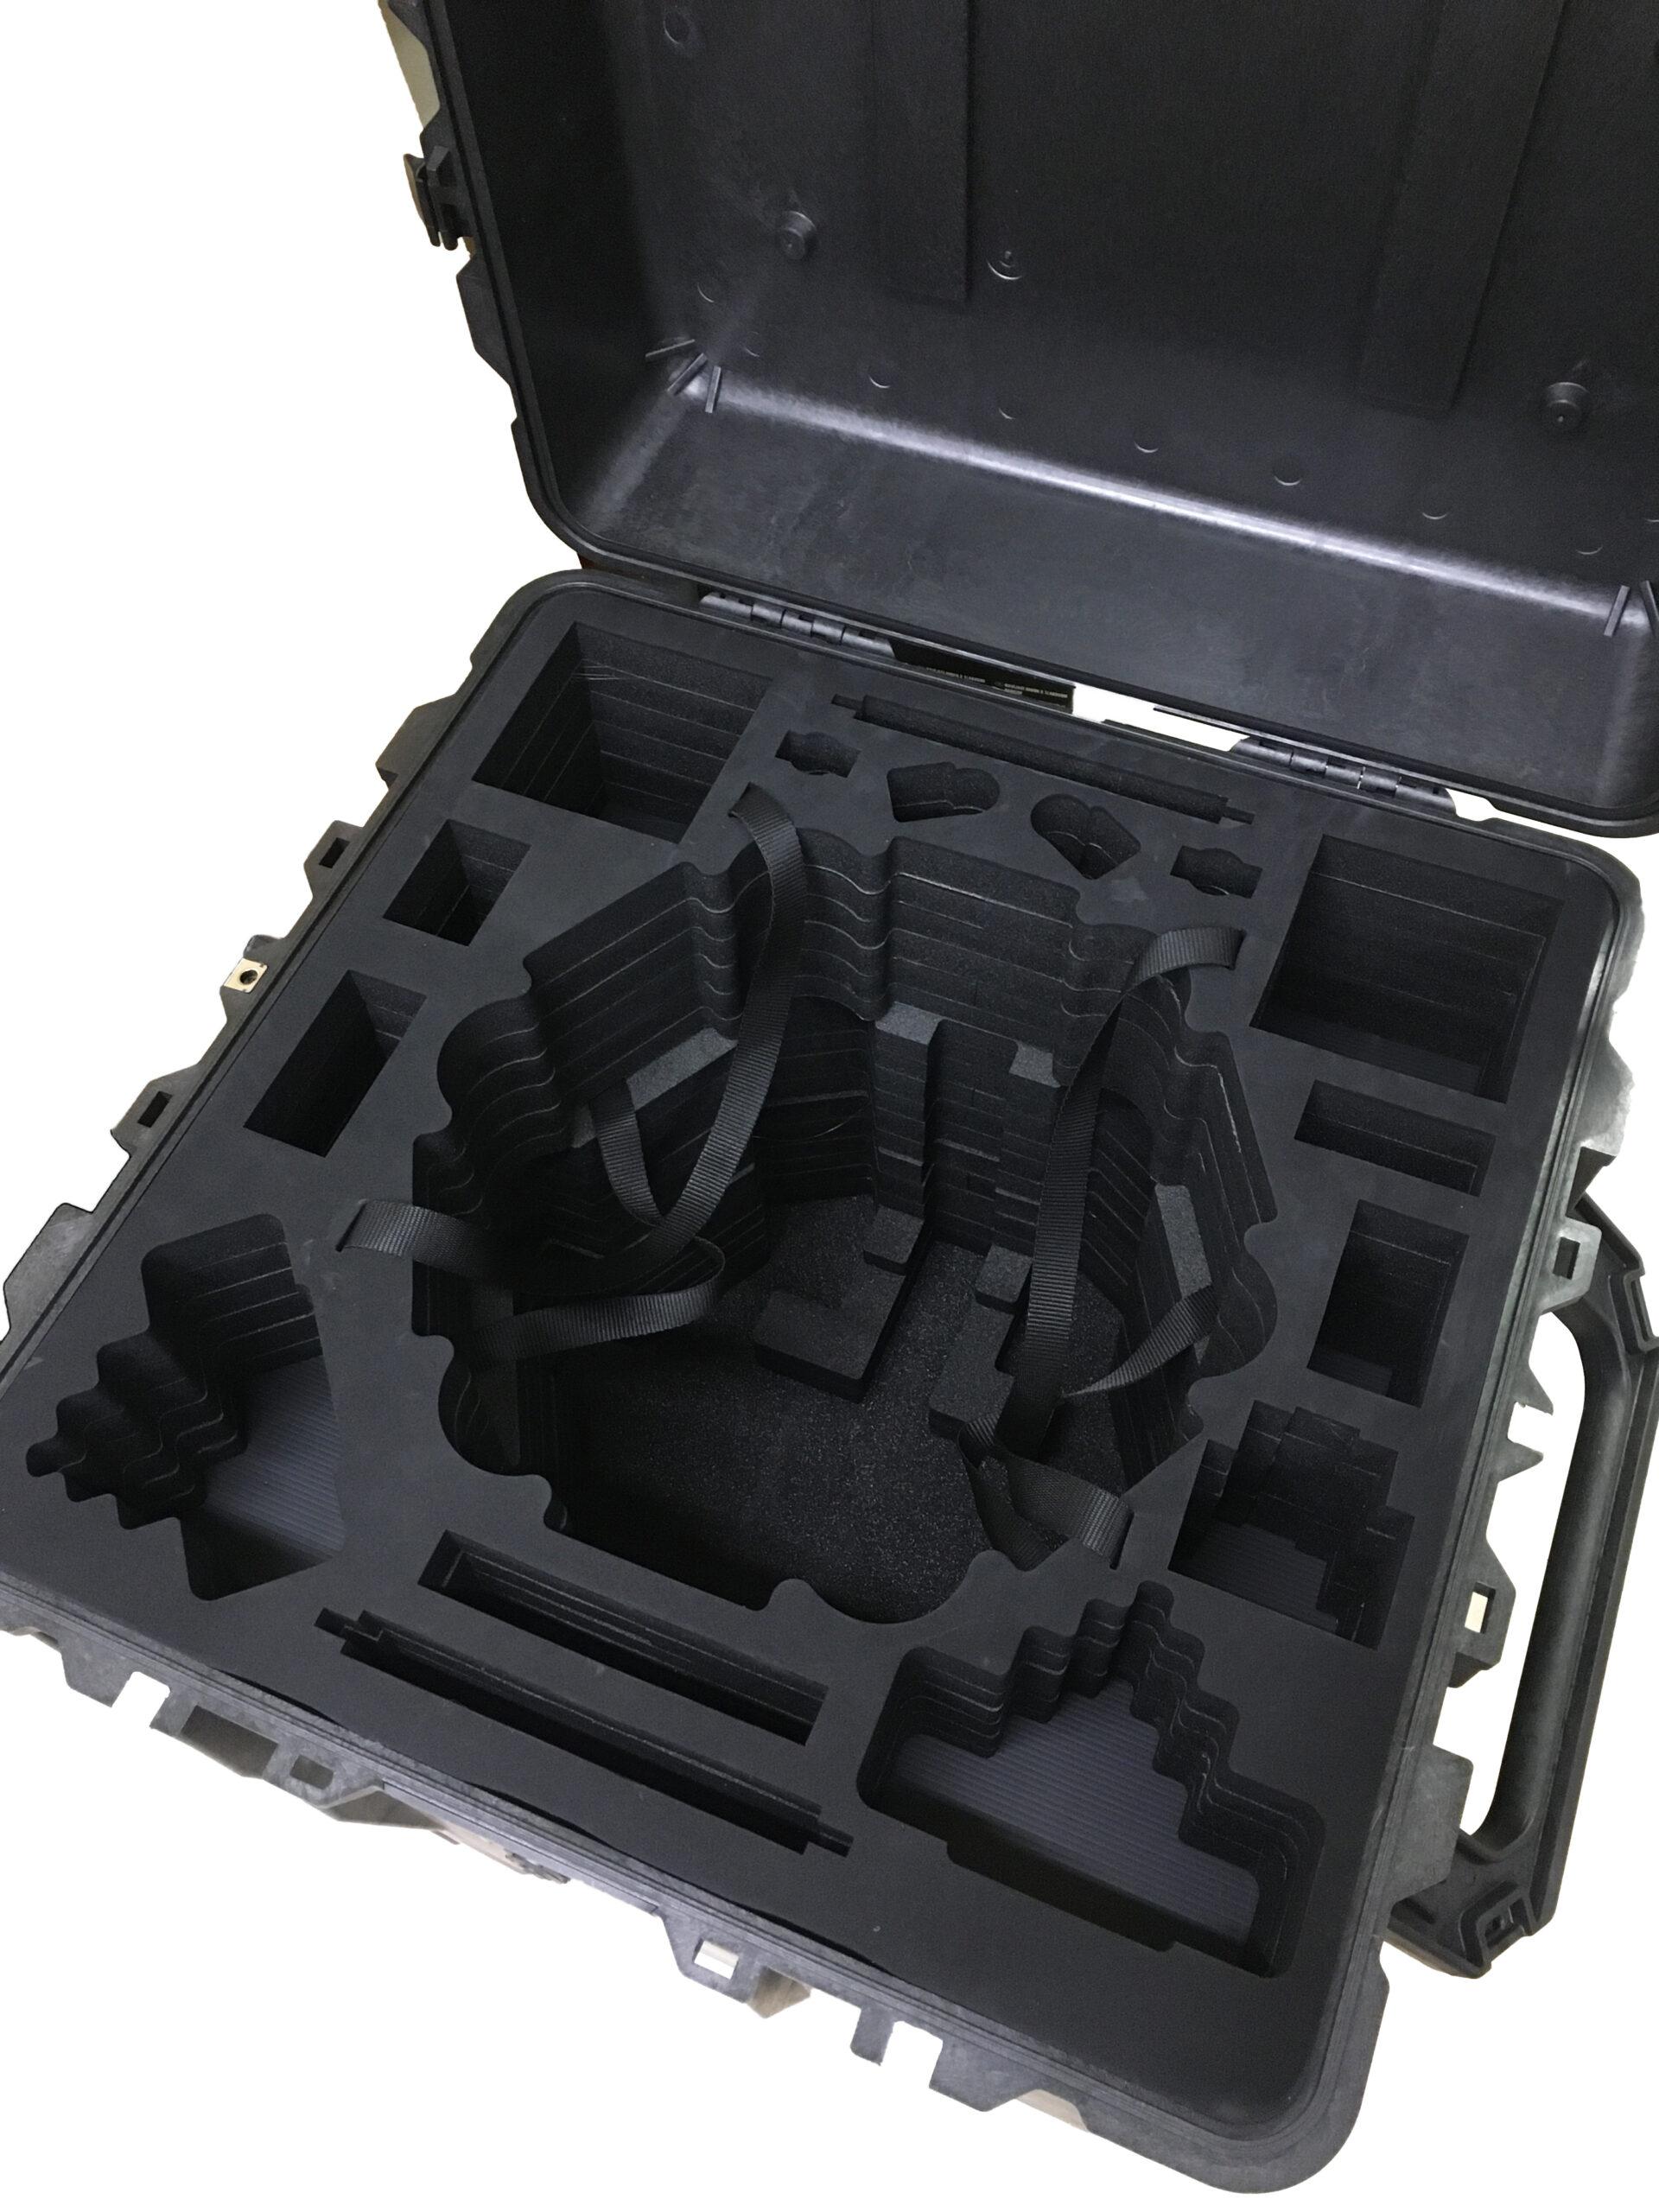 zakázková pěnová výplň pro dron